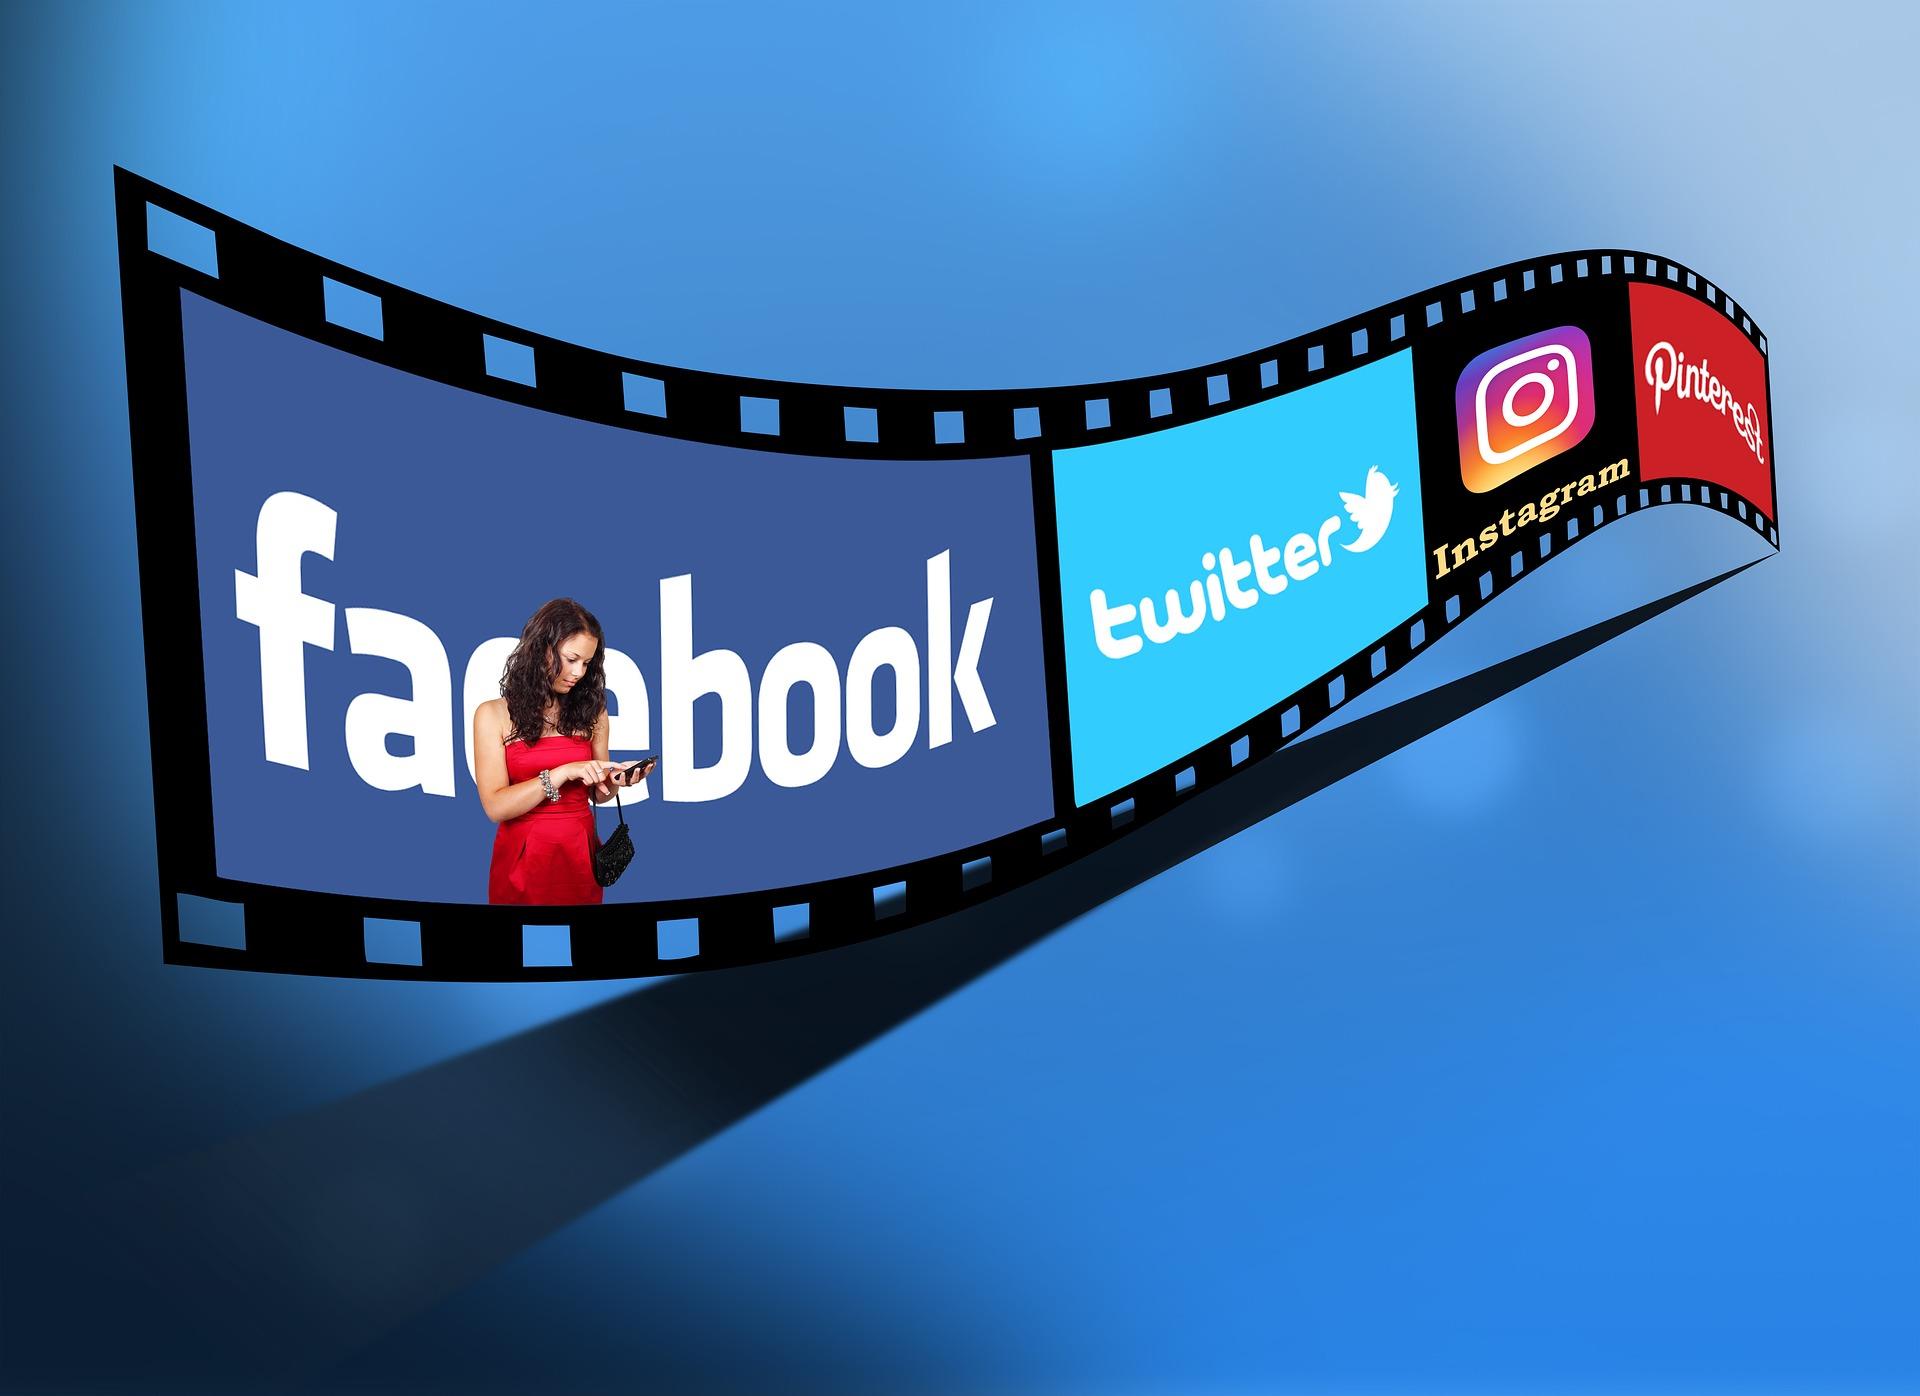 أهمية مشاركة الفيديوهات عبر منصات التواصل الاجتماعي